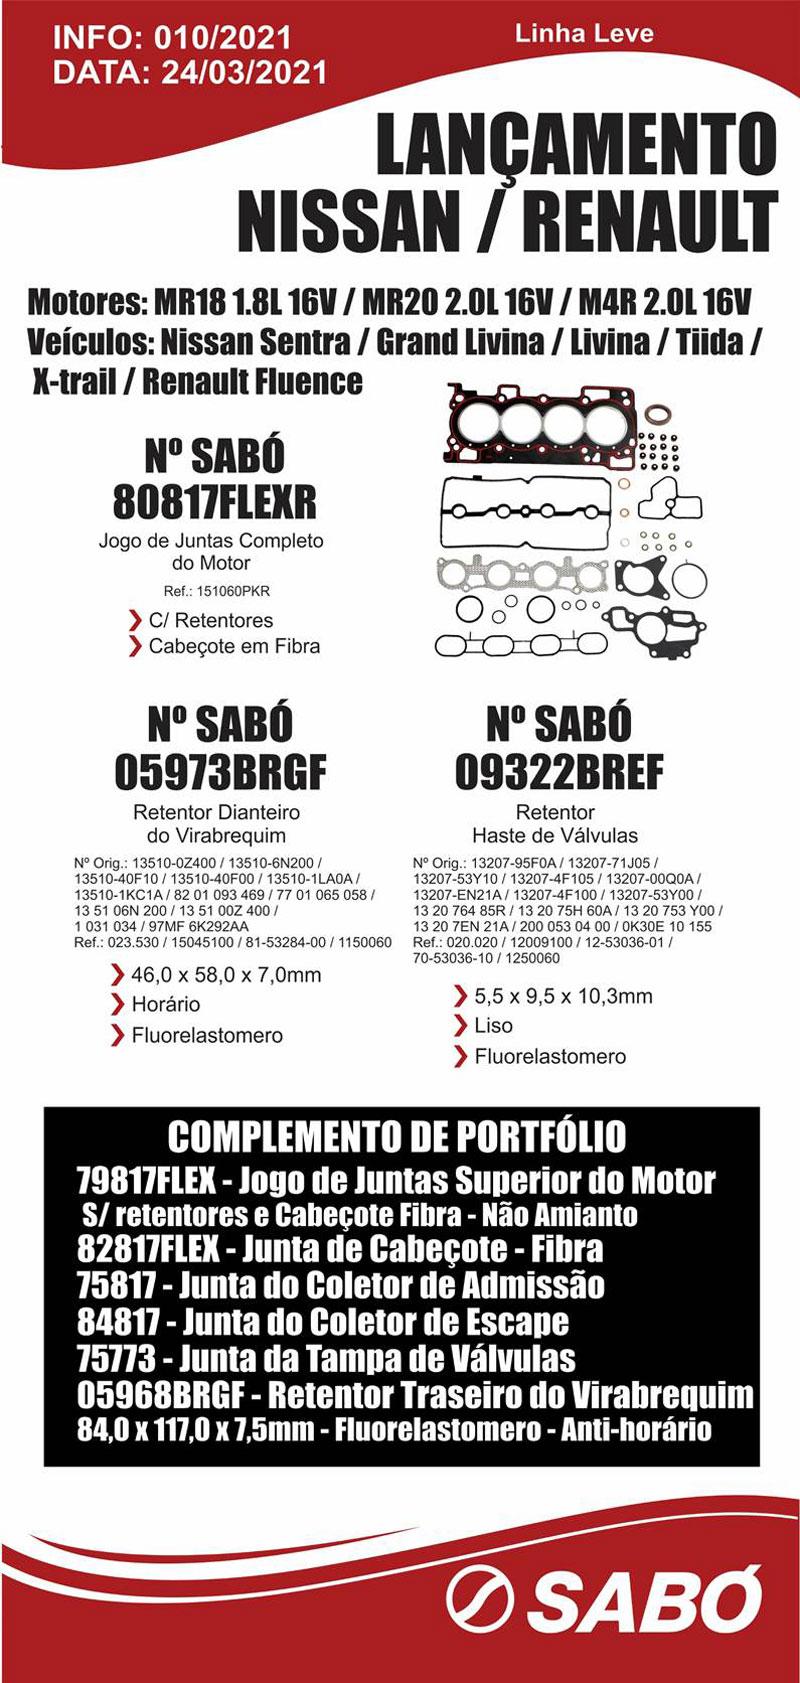 info-010-nissan-renault-sabo